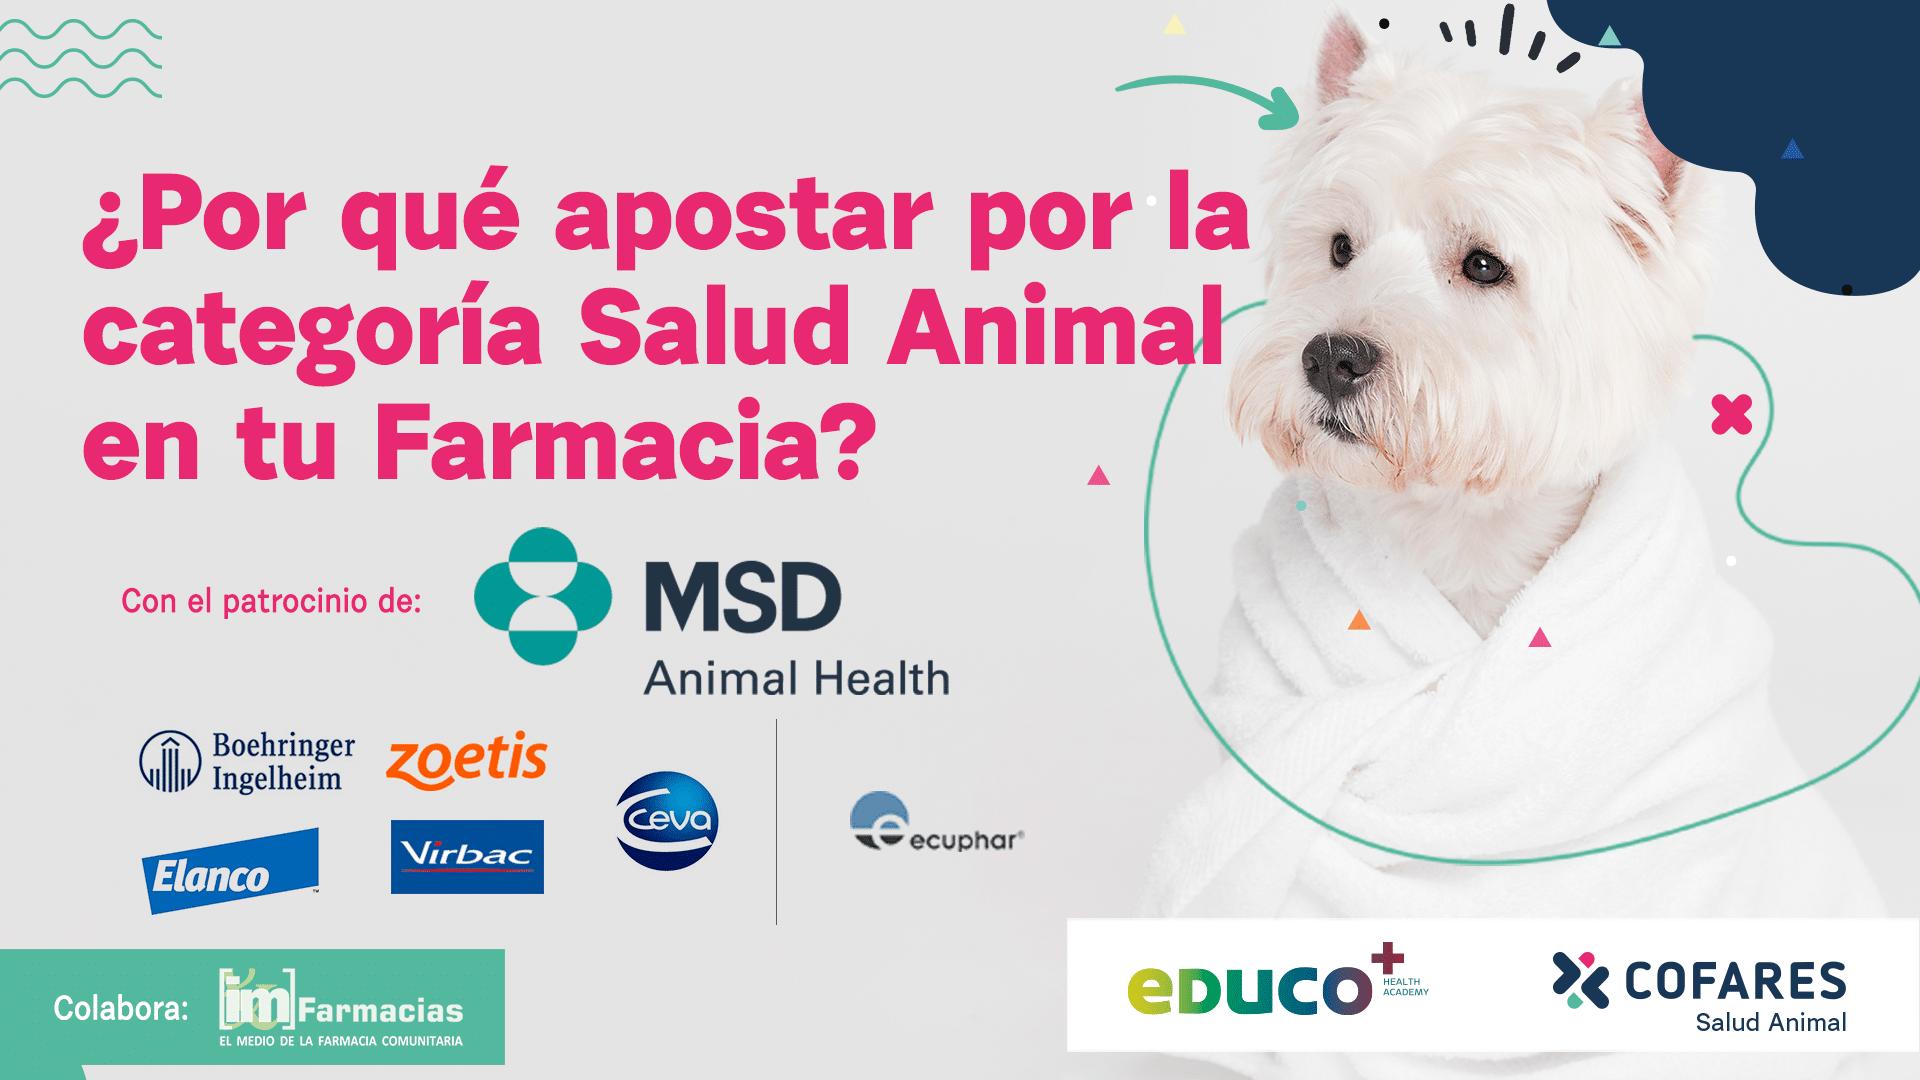 Es hora de apostar por la categoría de Salud Animal en la farmacia